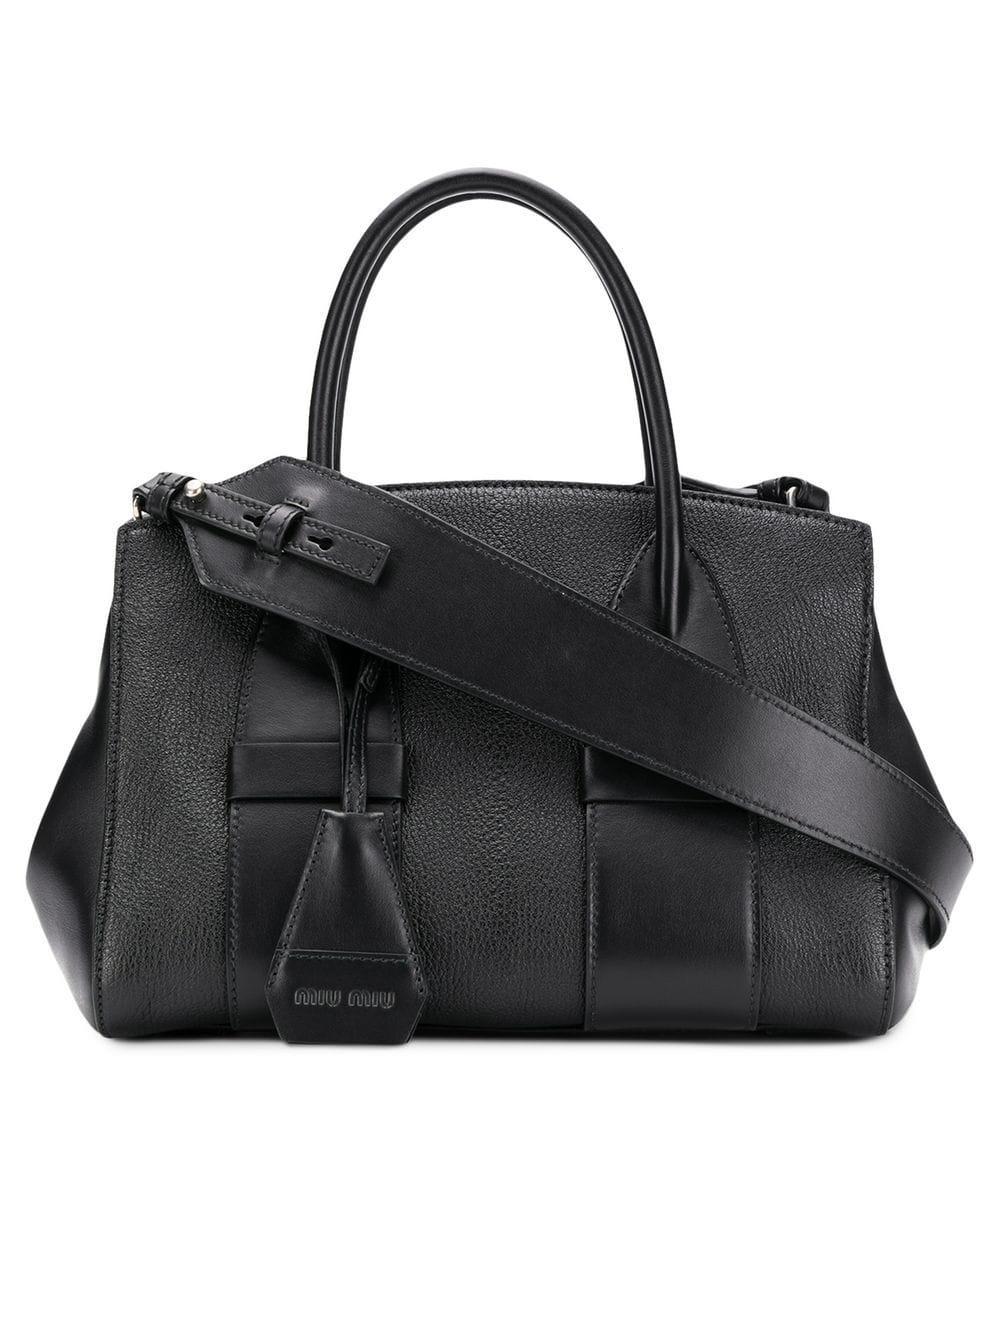 74e897d6e1 Lyst - Miu Miu Classic Tote Bag in Black - Save 12%